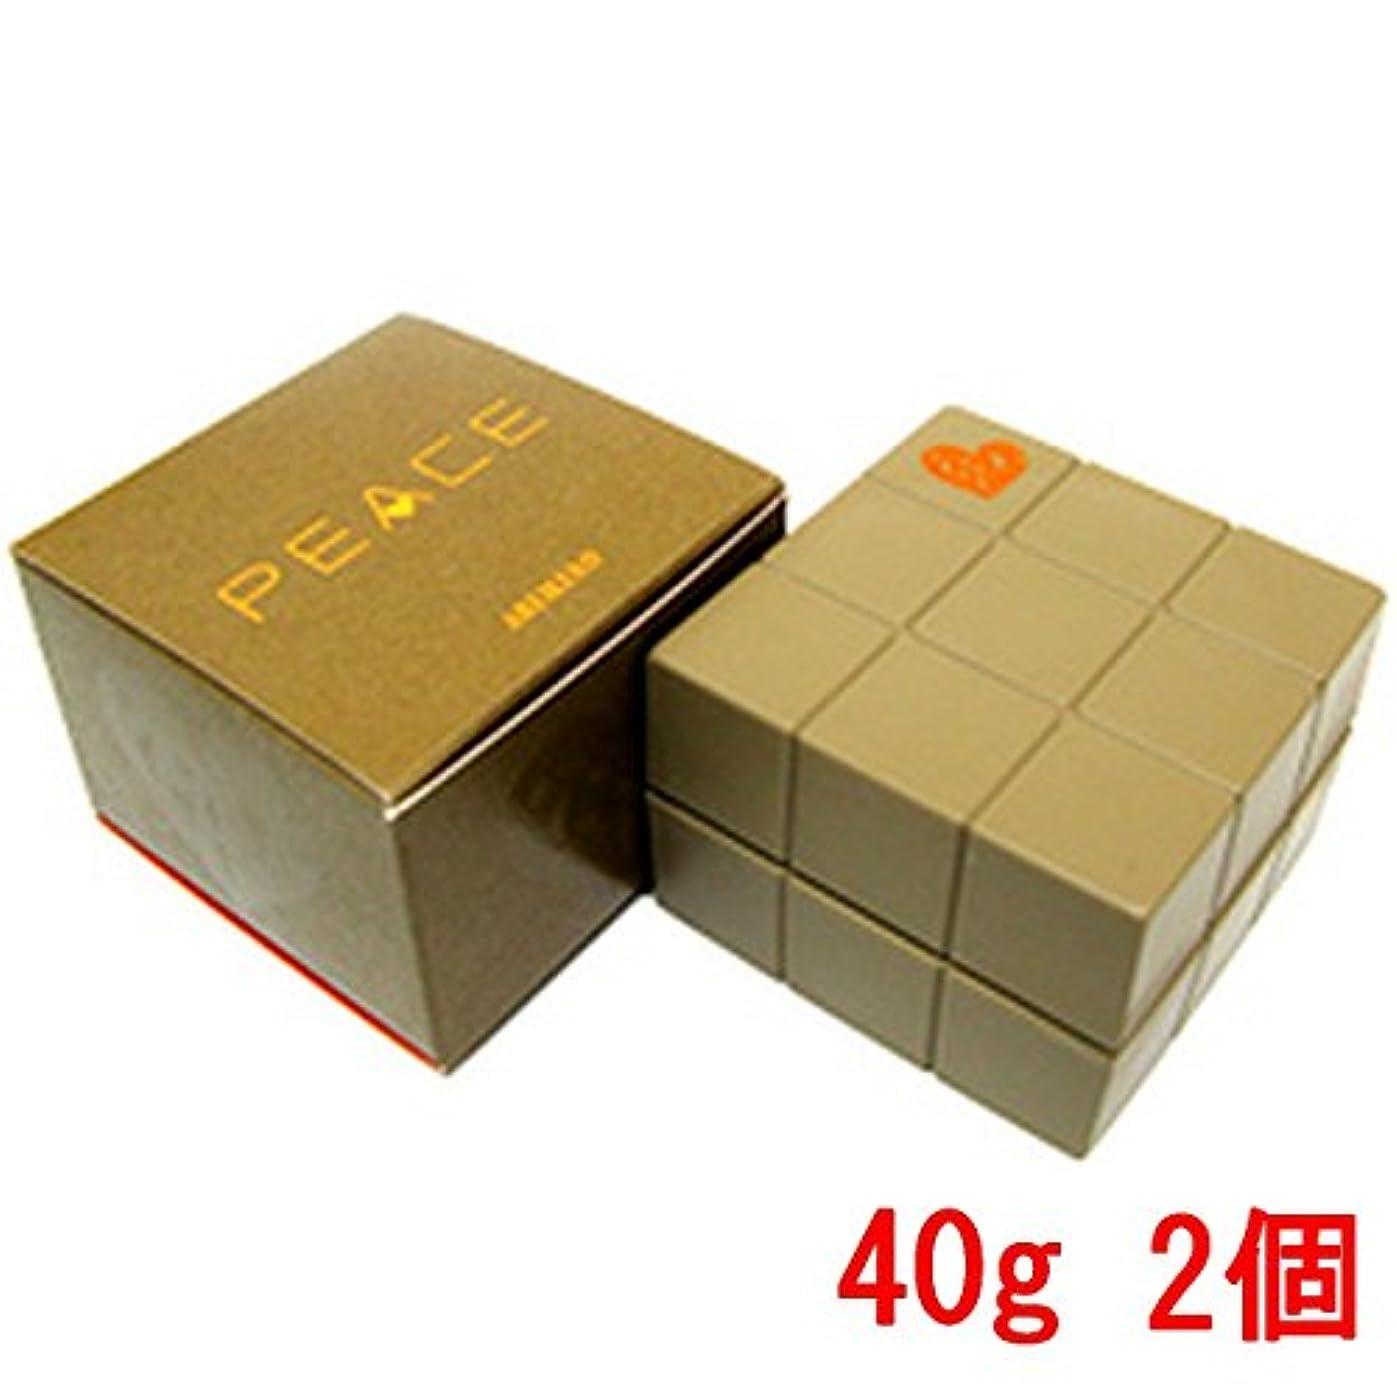 非武装化長くする保守的アリミノ ピース プロデザイン ソフトワックス40g ×2個 セット arimino PEACE